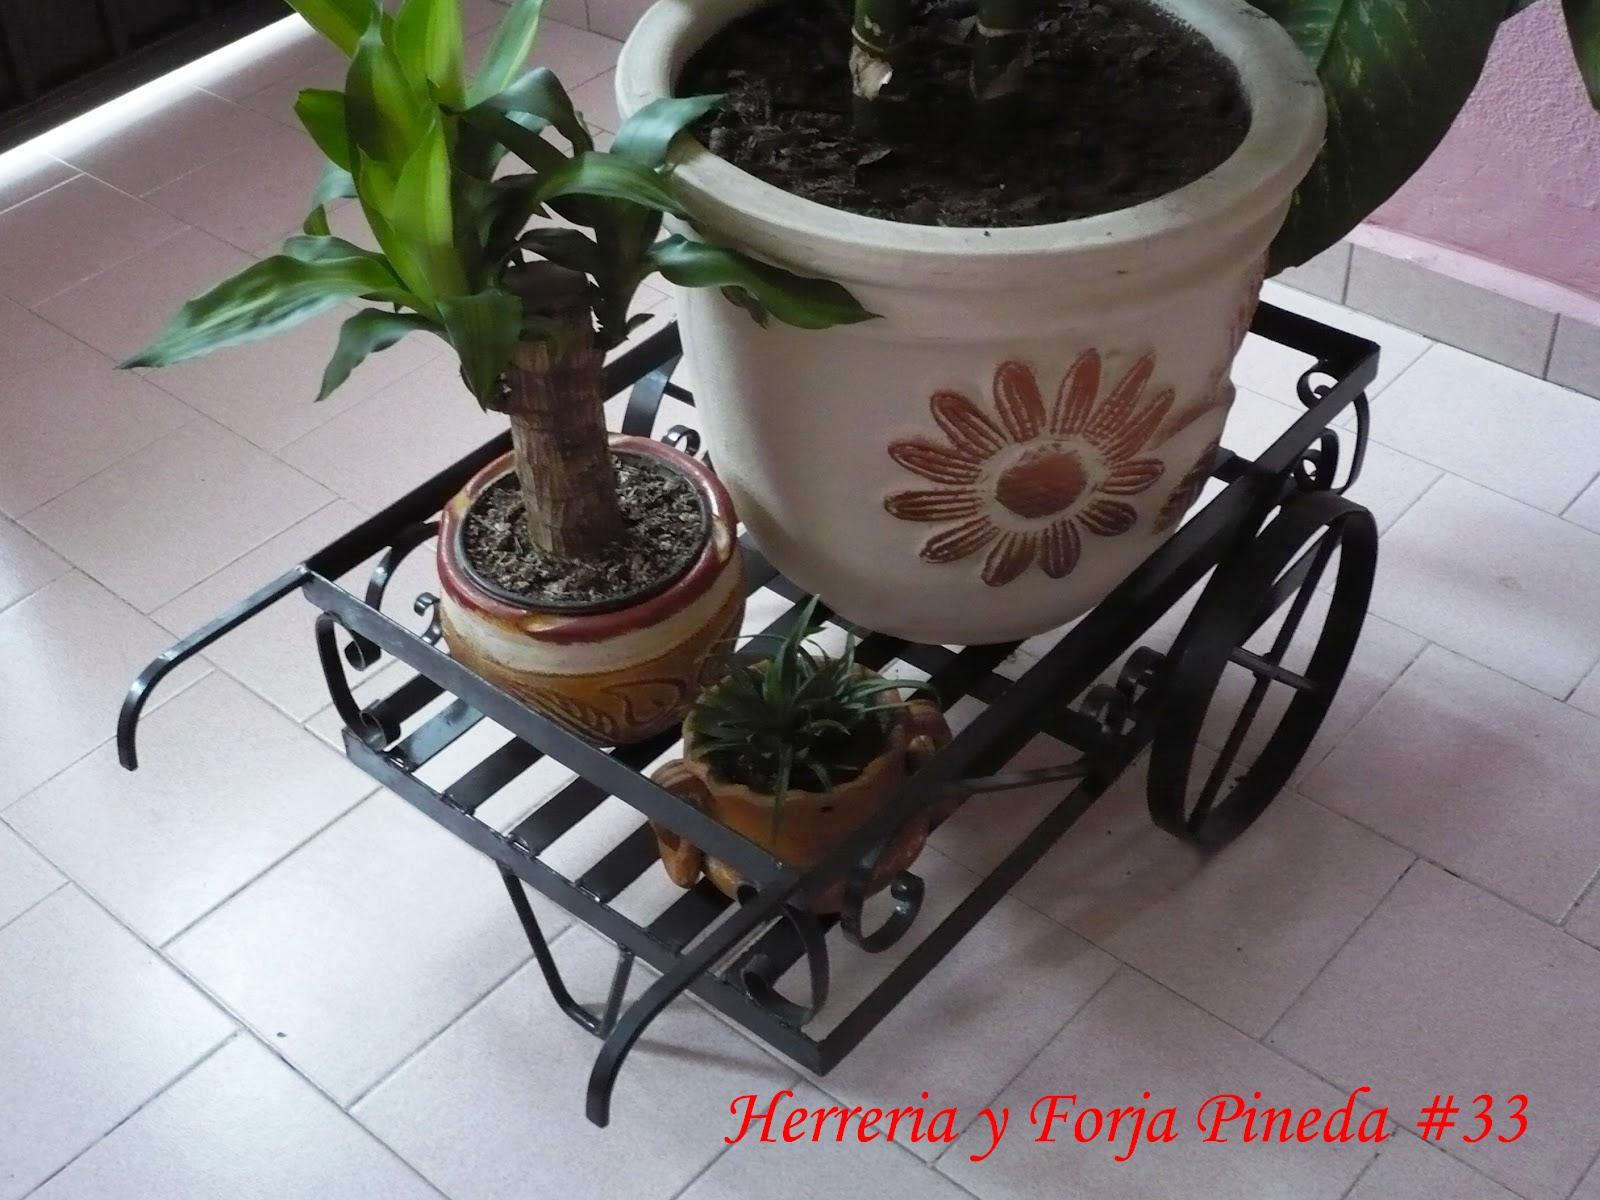 Herreria y forja pineda - Muebles de jardin de forja ...